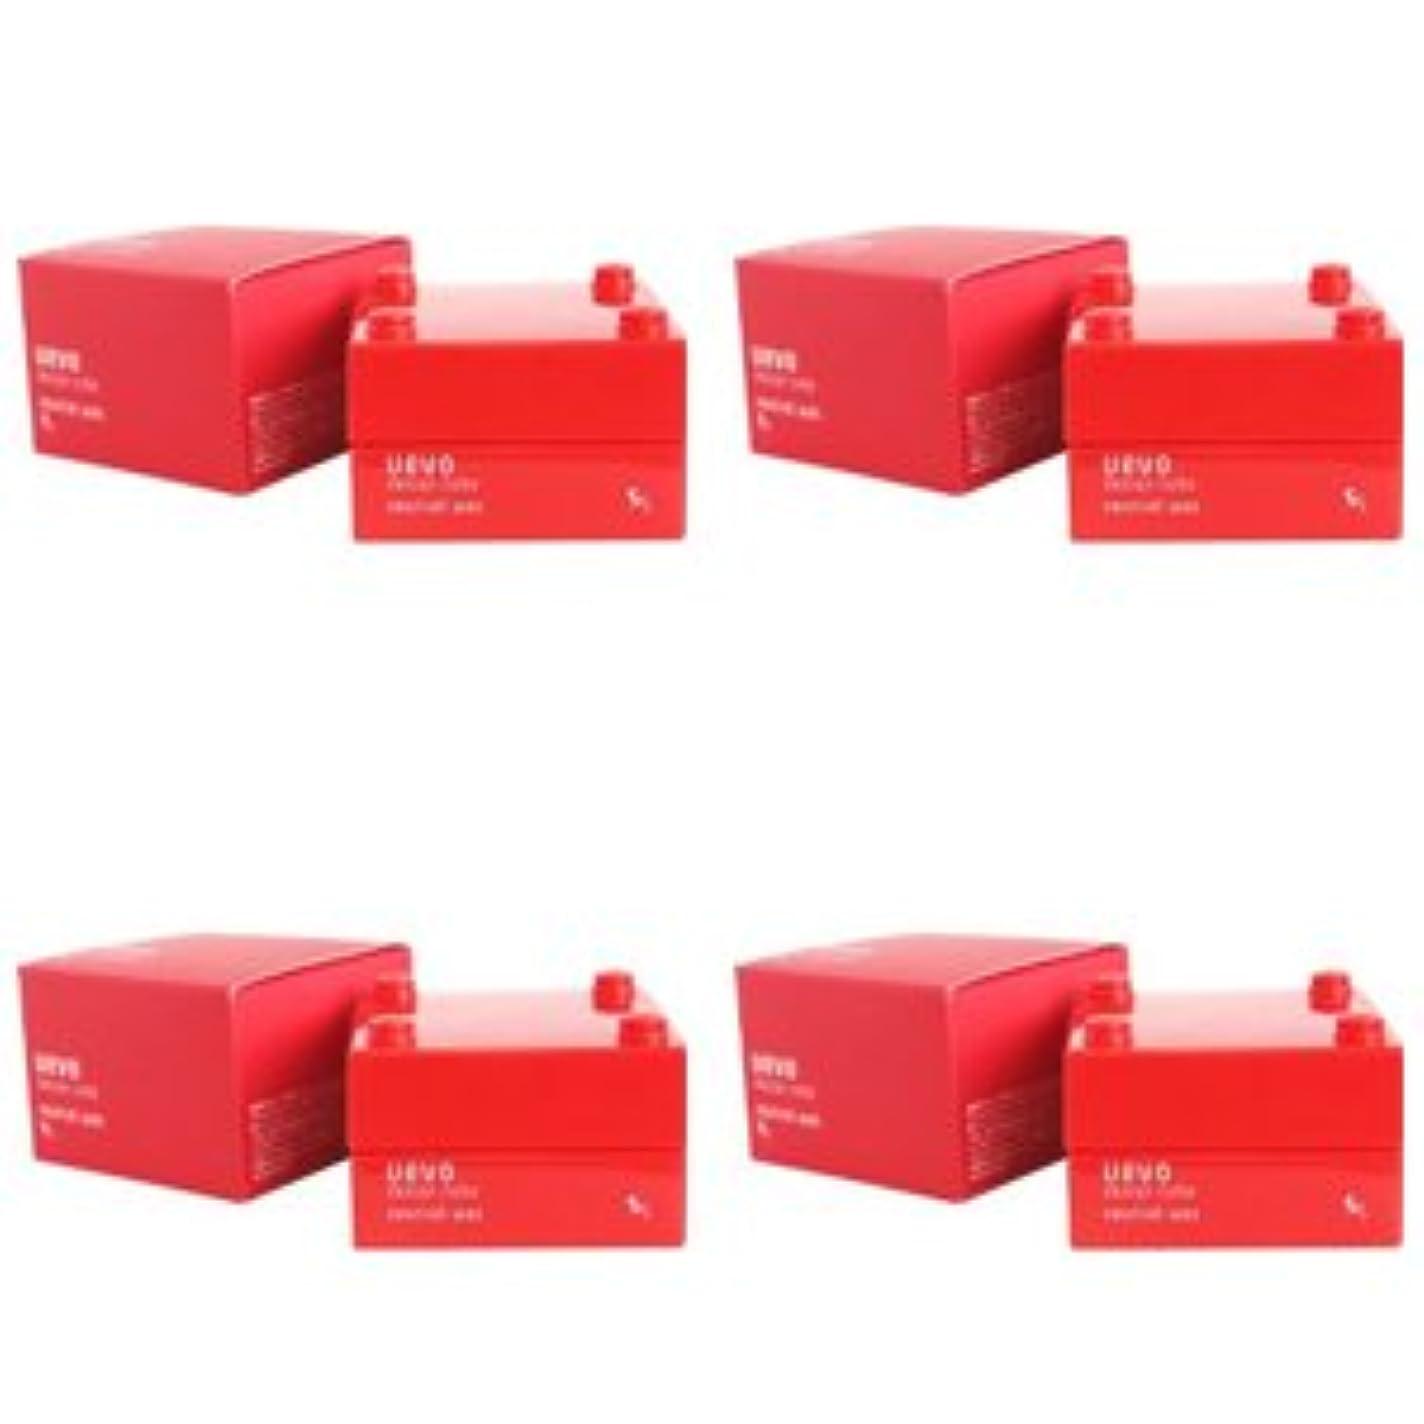 バイオレット汚染蜜【X4個セット】 デミ ウェーボ デザインキューブ ニュートラルワックス 30g neutral wax DEMI uevo design cube